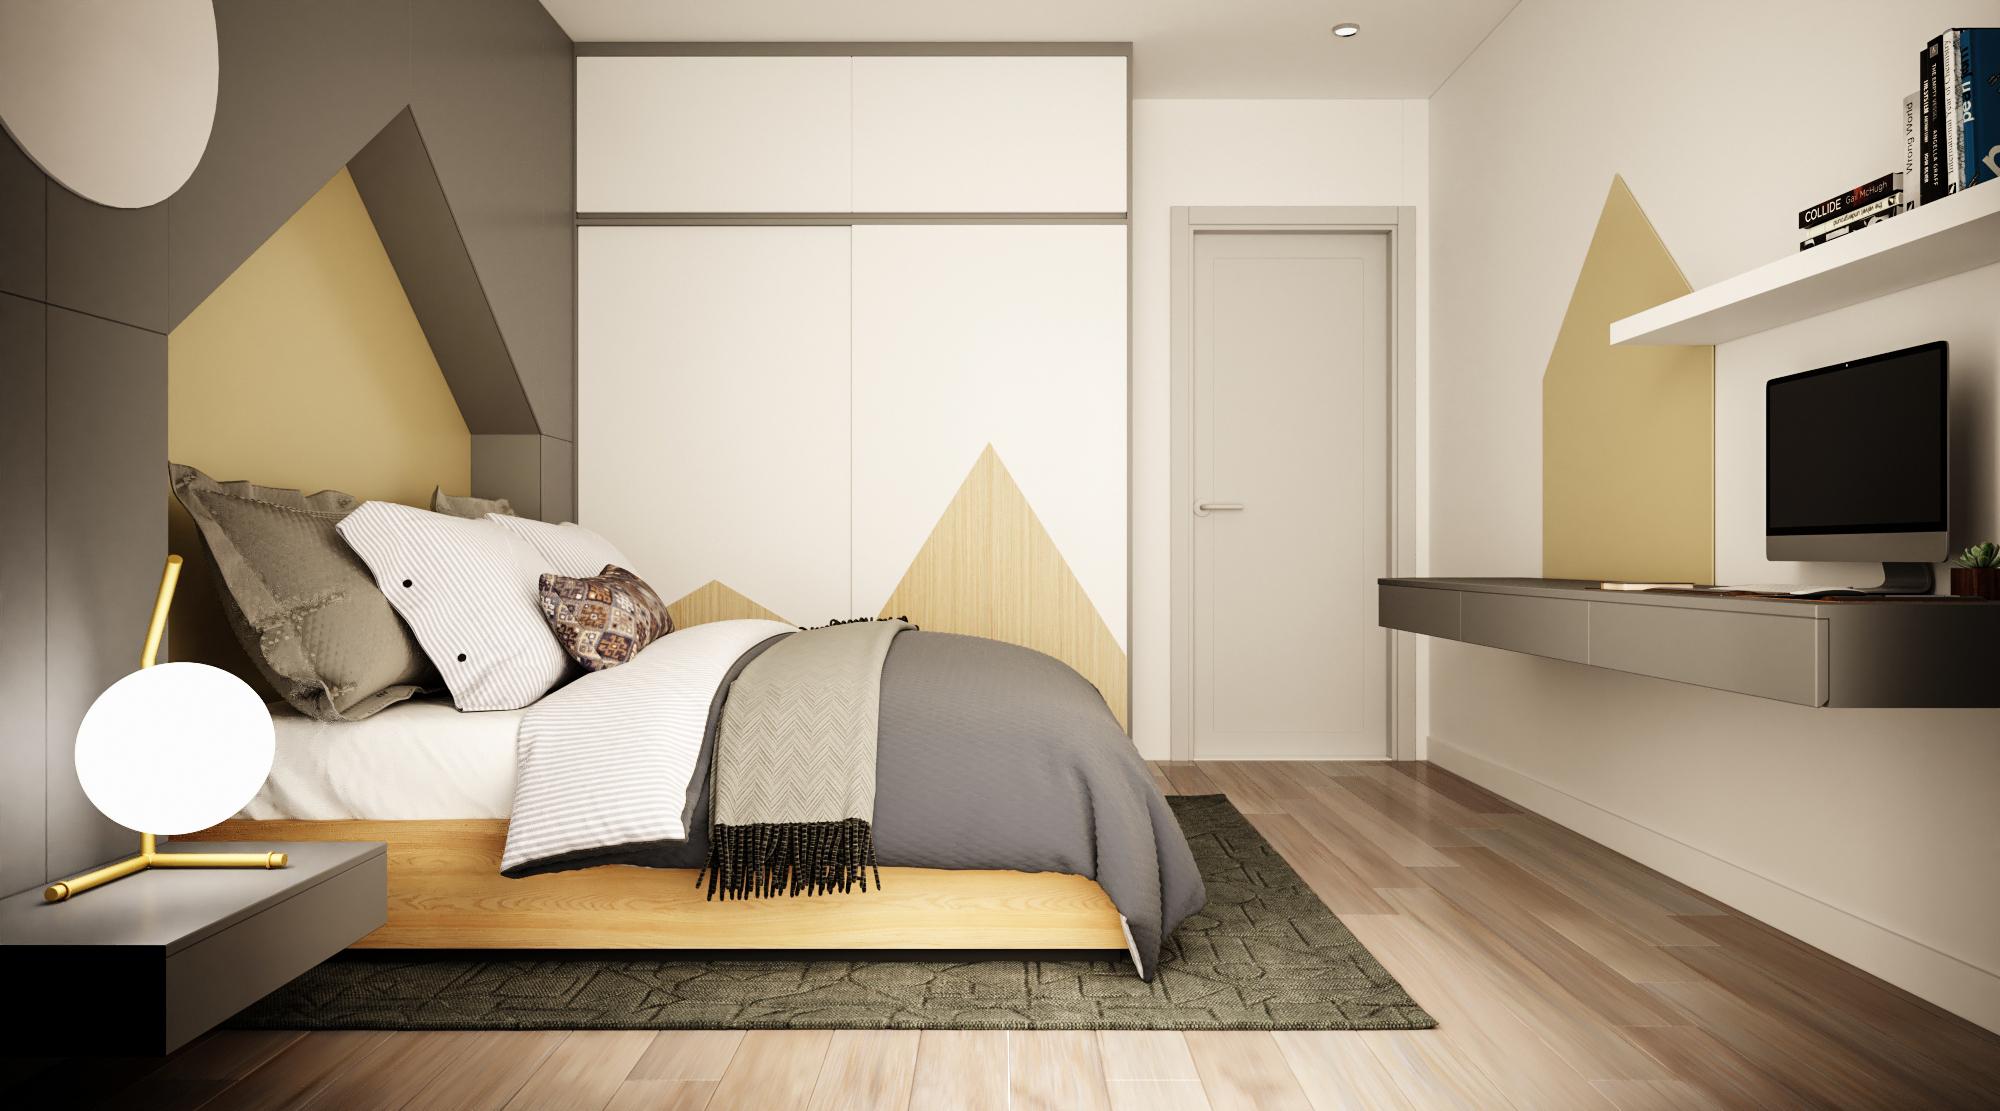 Biểu tượng lục giác màu nâu cam được sử dụng cả trên tường, tủ tạo nên sự kết nối đồng nhất và hiệu ứng thị giác mạnh mẽ